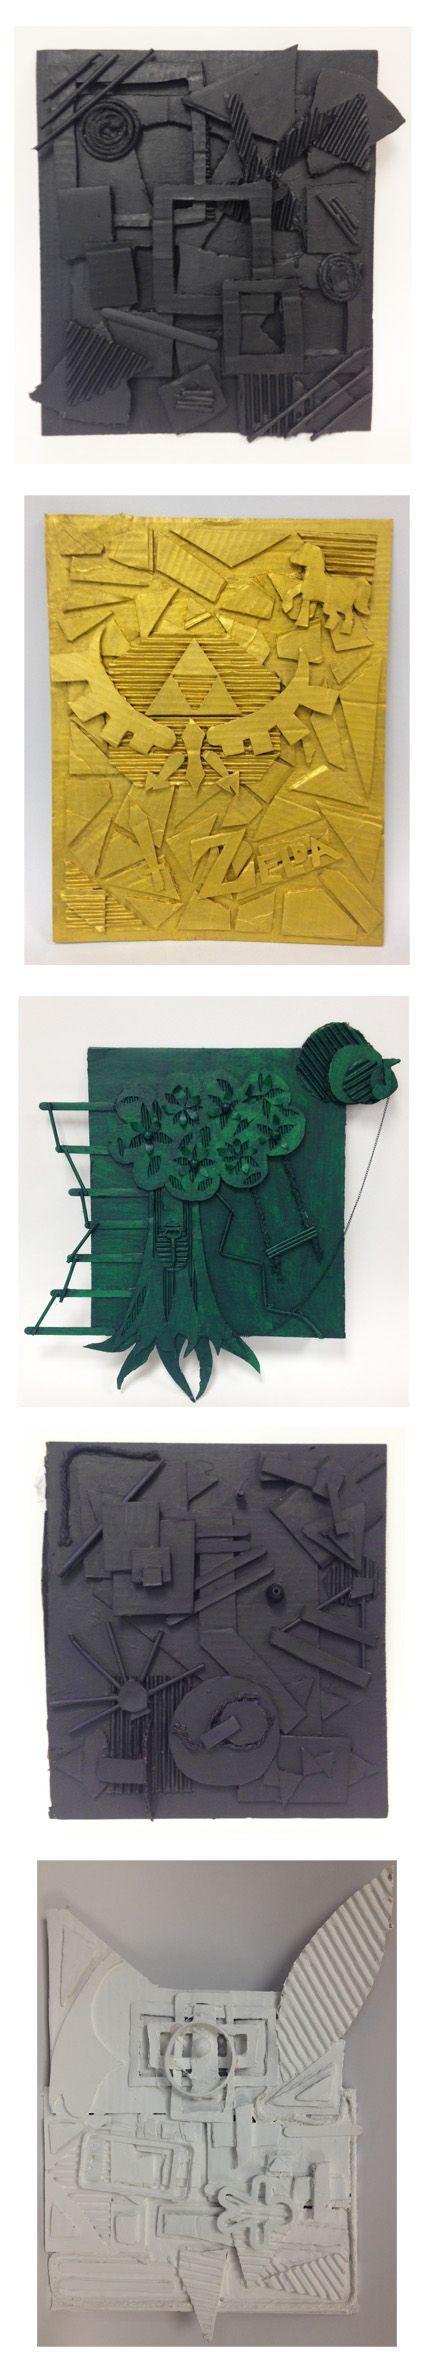 Louise Nevelson>>> Projetos de Escultura Assemblage - arte da 8ª série<<<